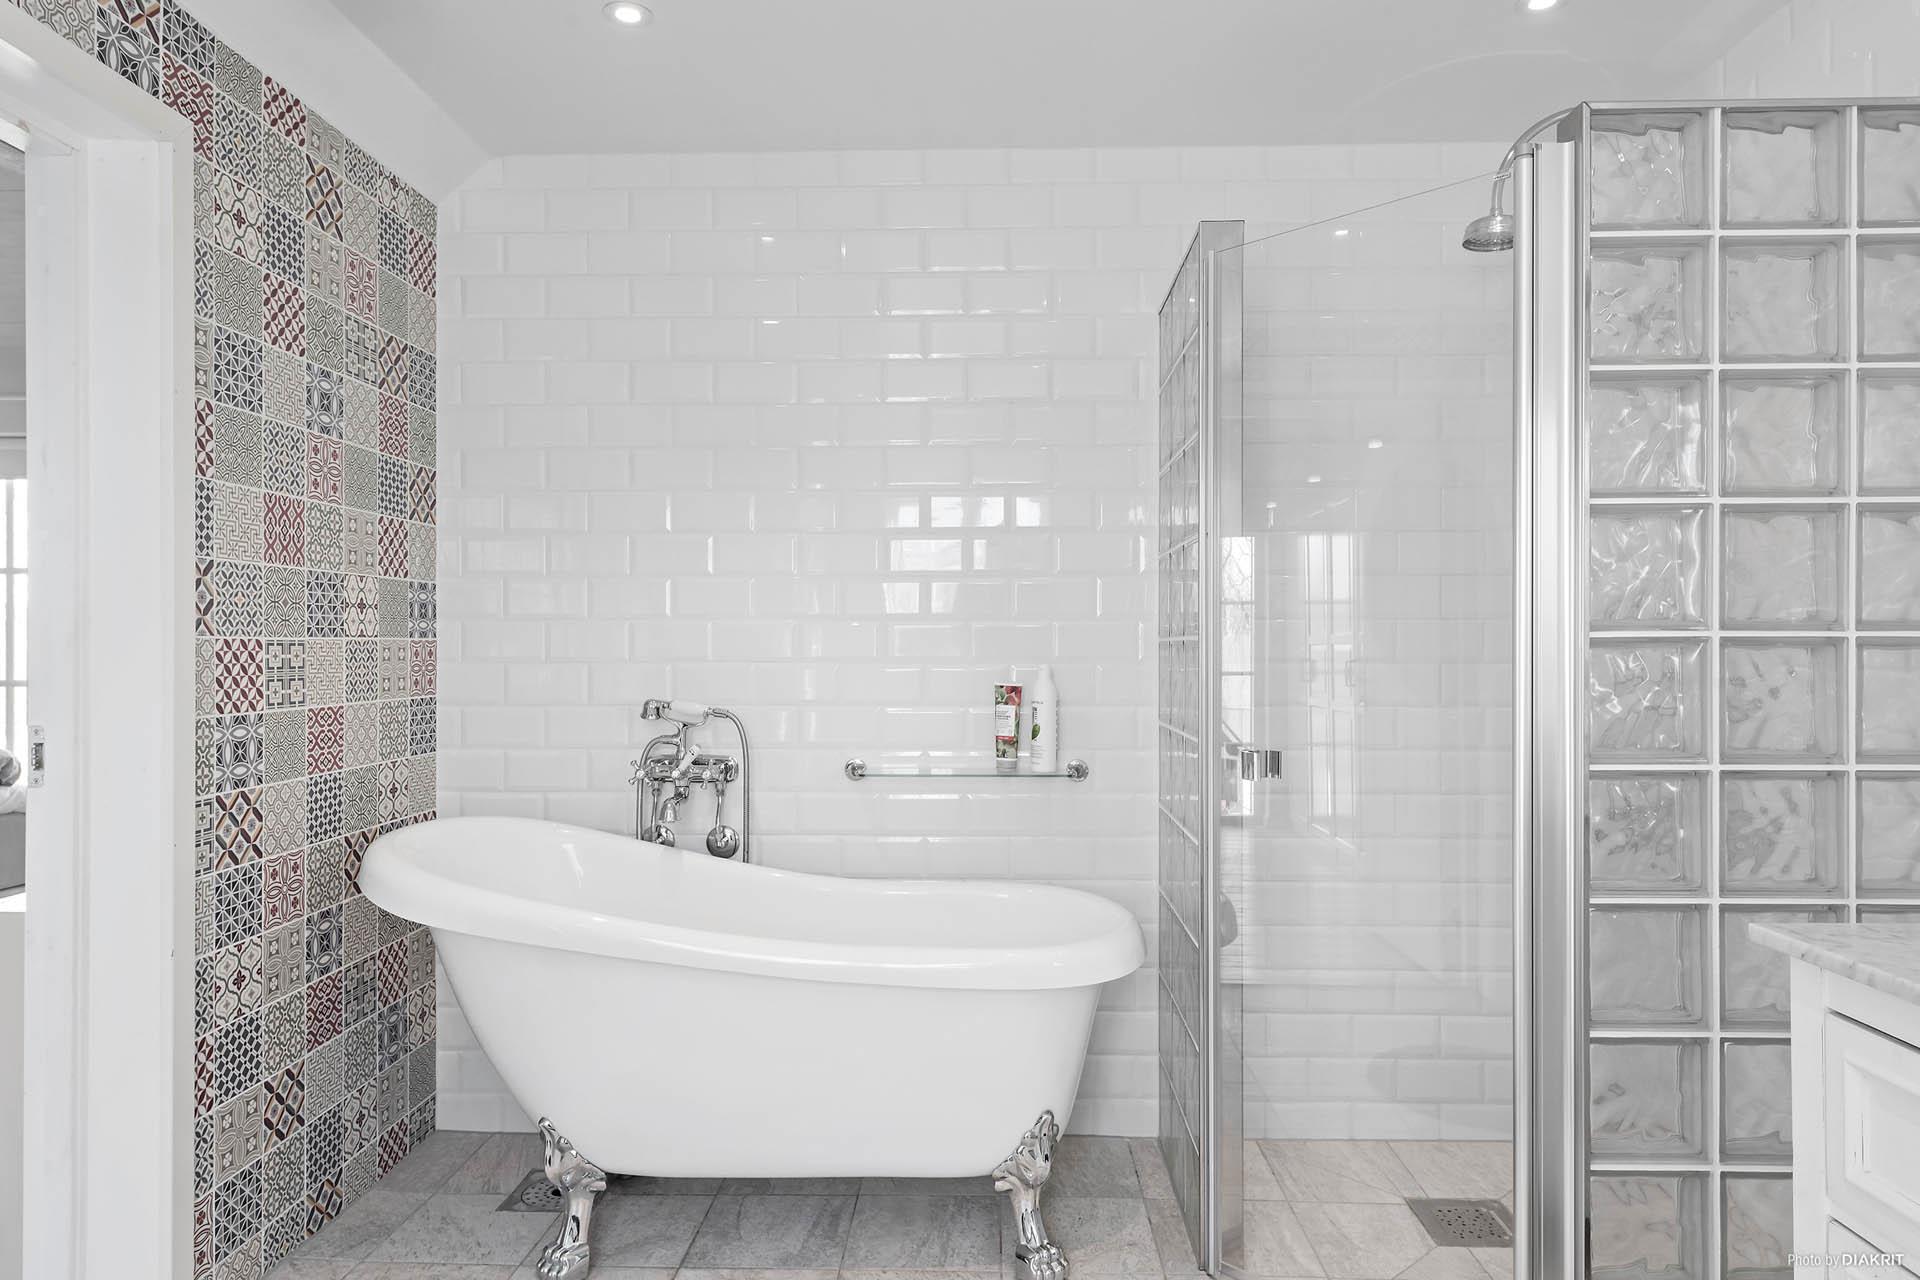 Badrummet ligger strax intill sovrummet, vilken lyx! Kakel och klinker, vattneburen golvvärme. Här finns både dusch, badkar, handfat, wc och det är förberett för om man vill ha en tvättpelare här.